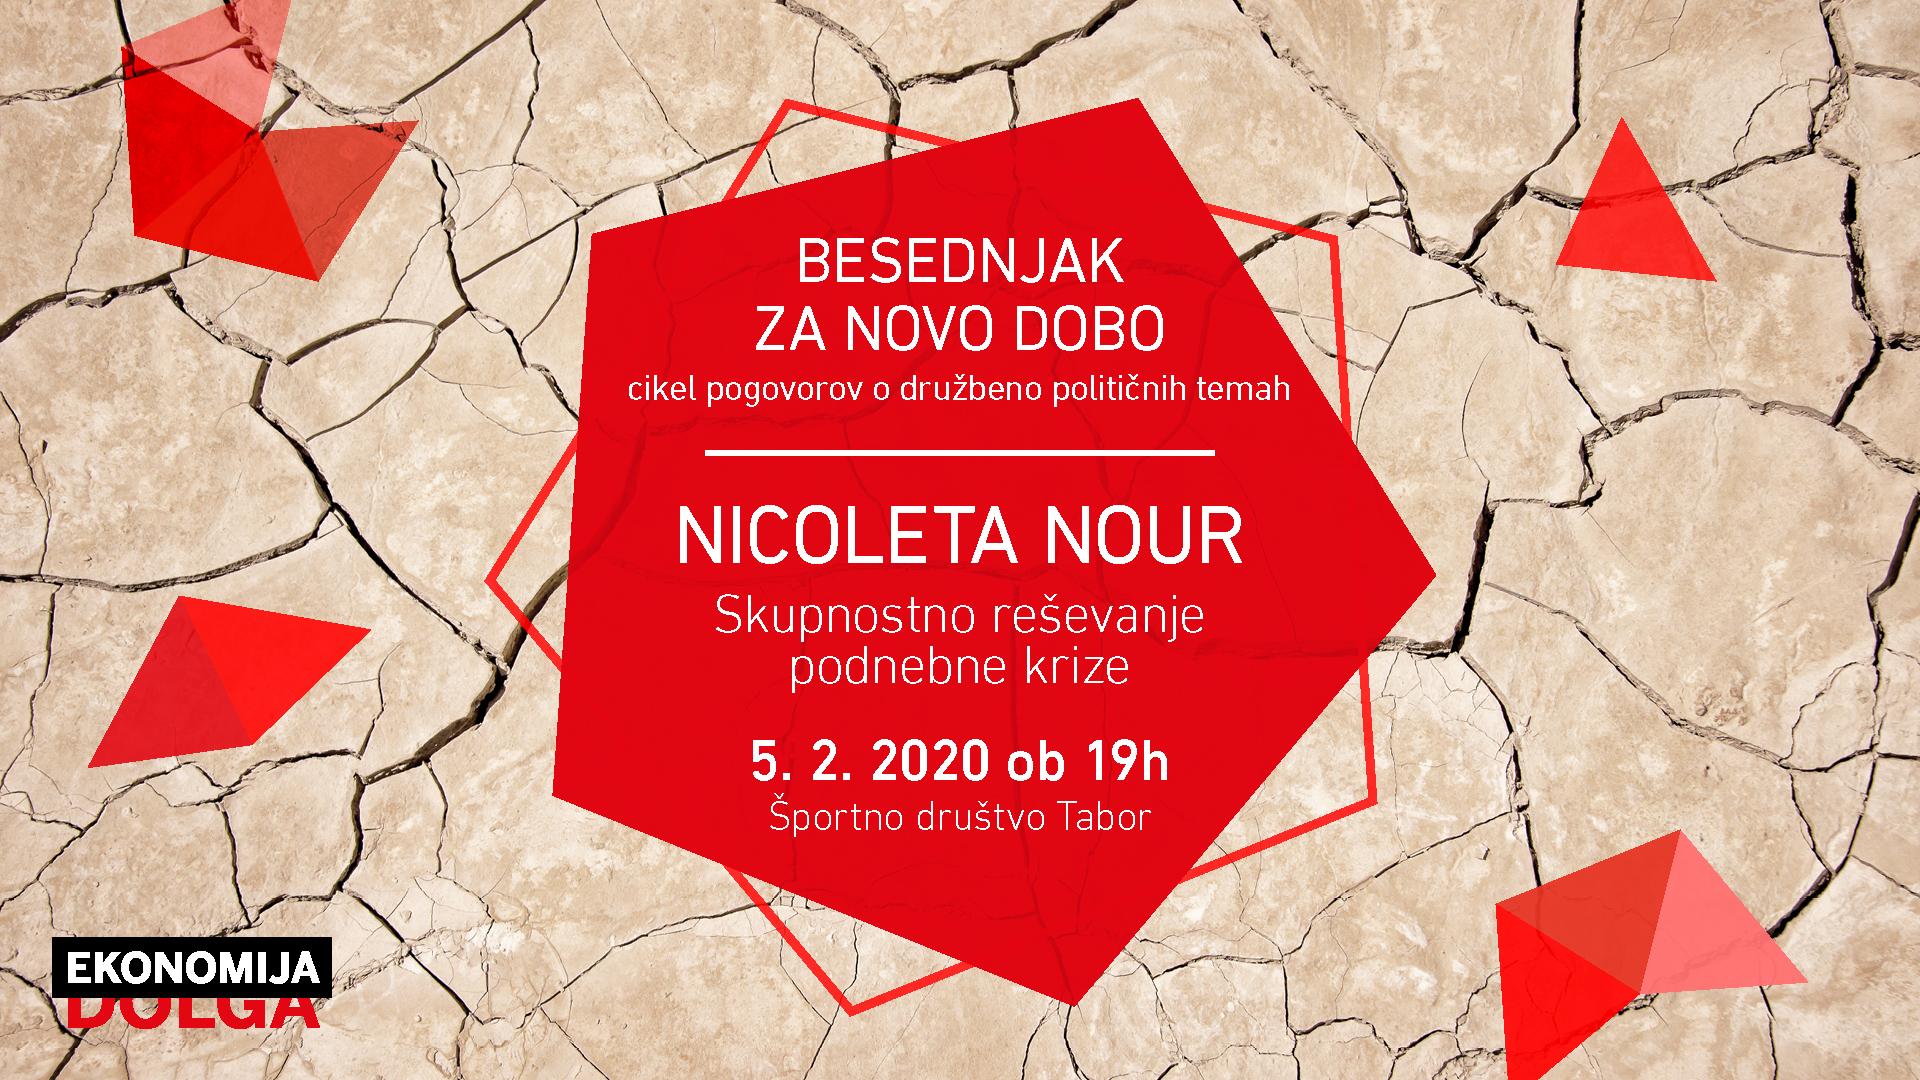 Enabanda - besednjak za novo dobo - posamični dogodki - socialna omrežje - FB - 1920x1080 - event image - 72dpi - Nicoleta